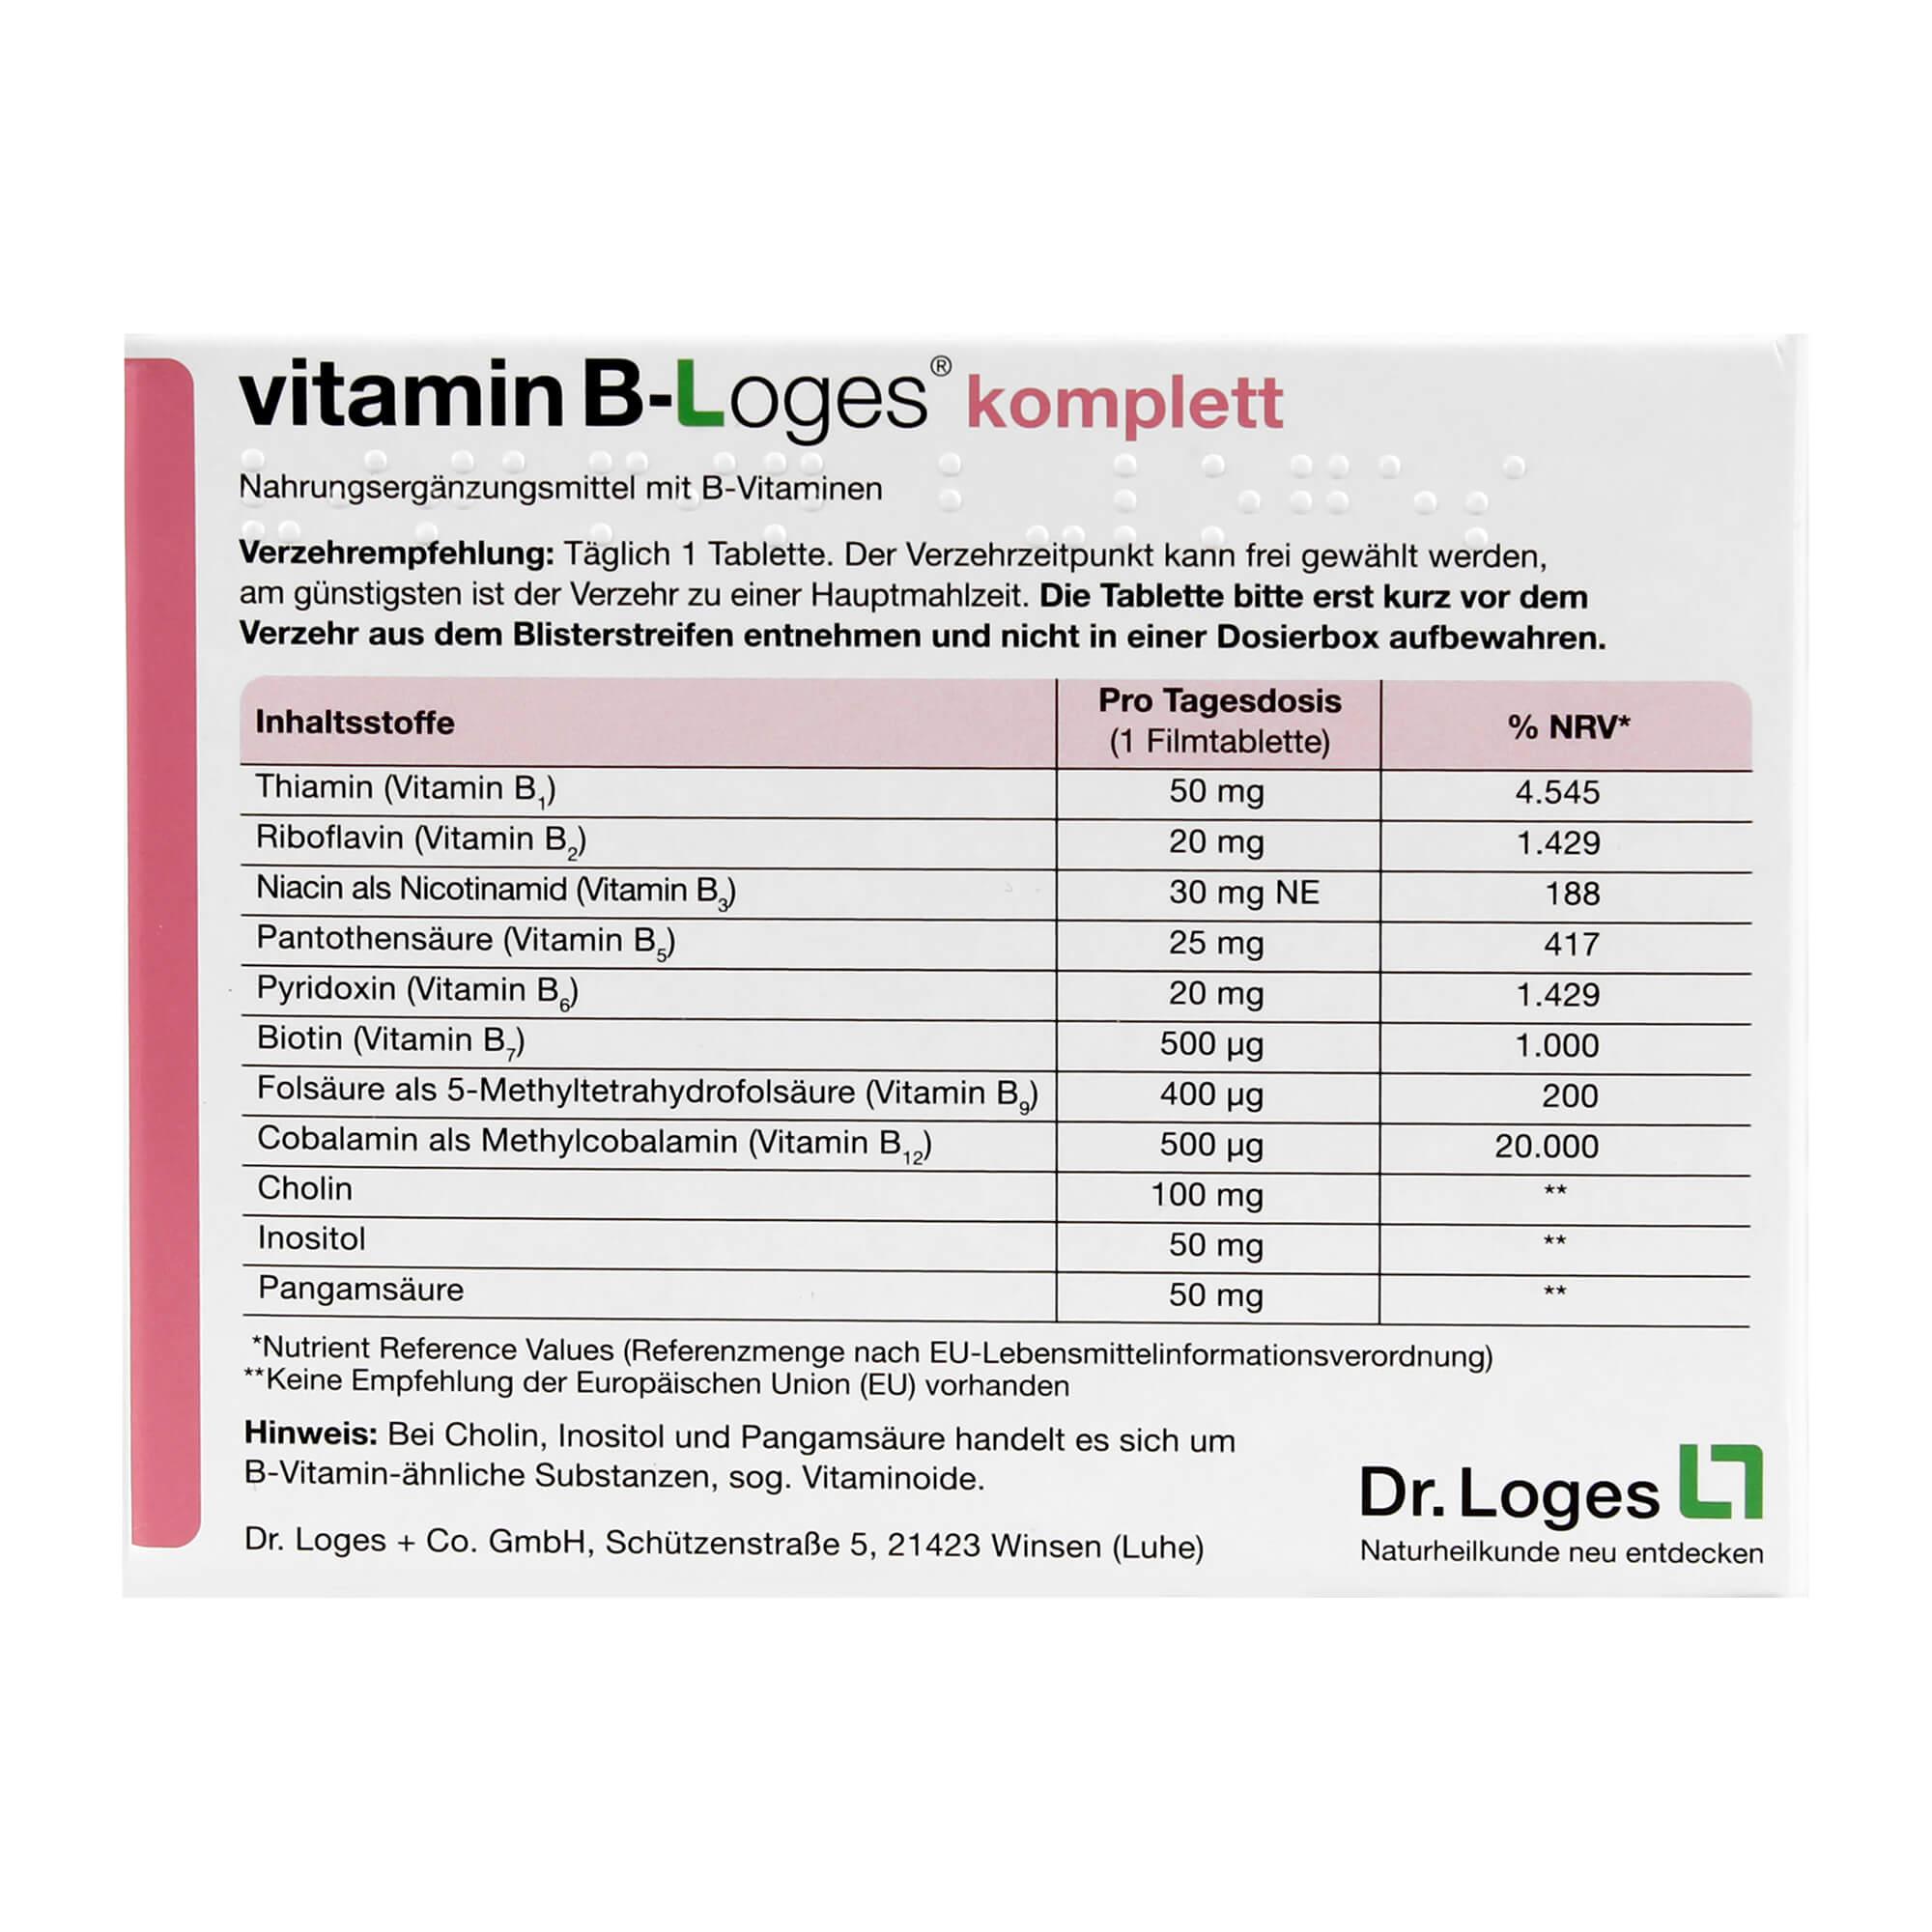 VITAMIN B-LOGES KOMPLETT, 60 St | Arzneimittel-Datenbank